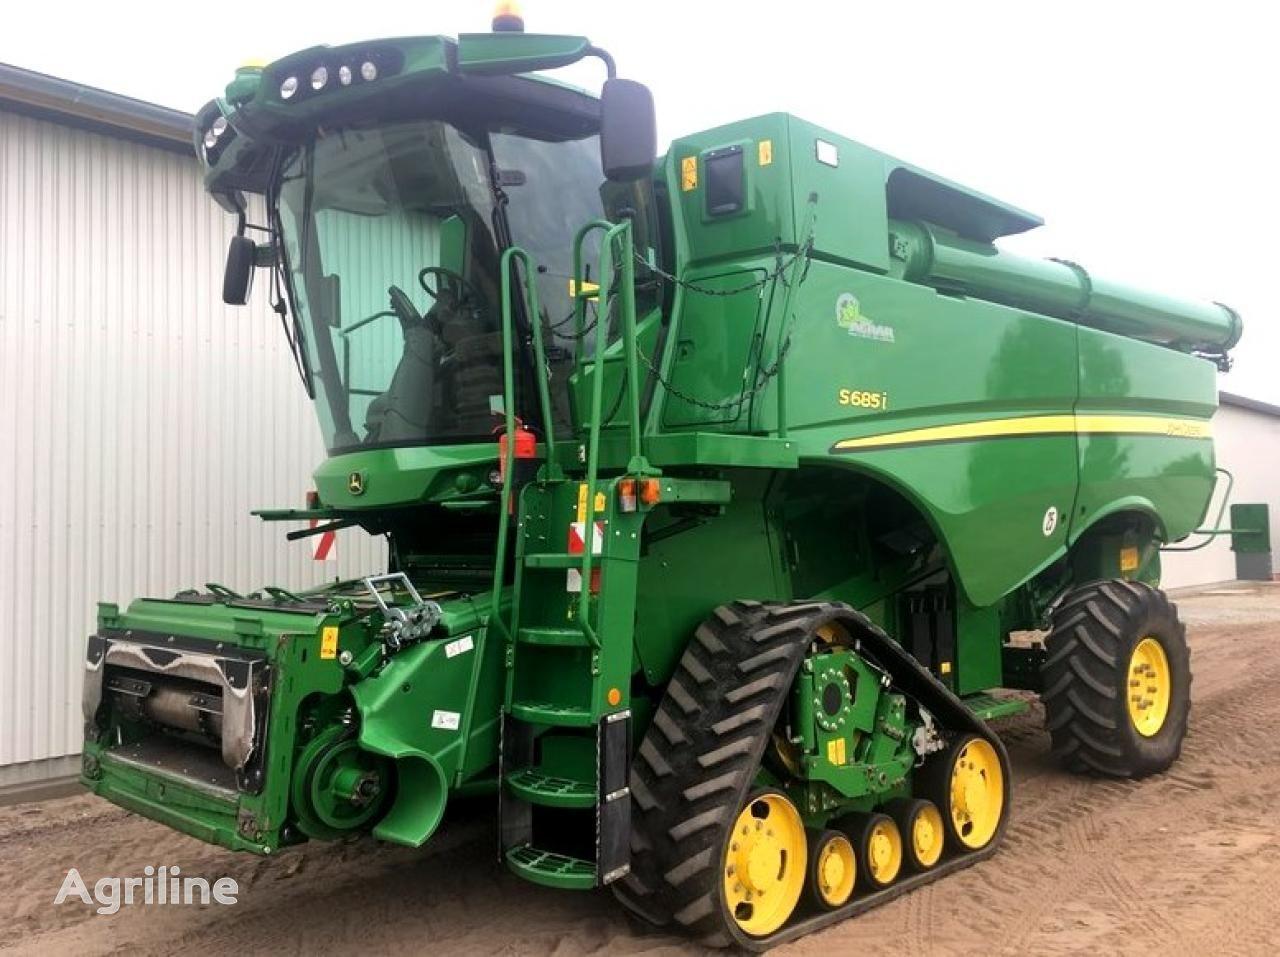 JOHN DEERE S685i combine-harvester